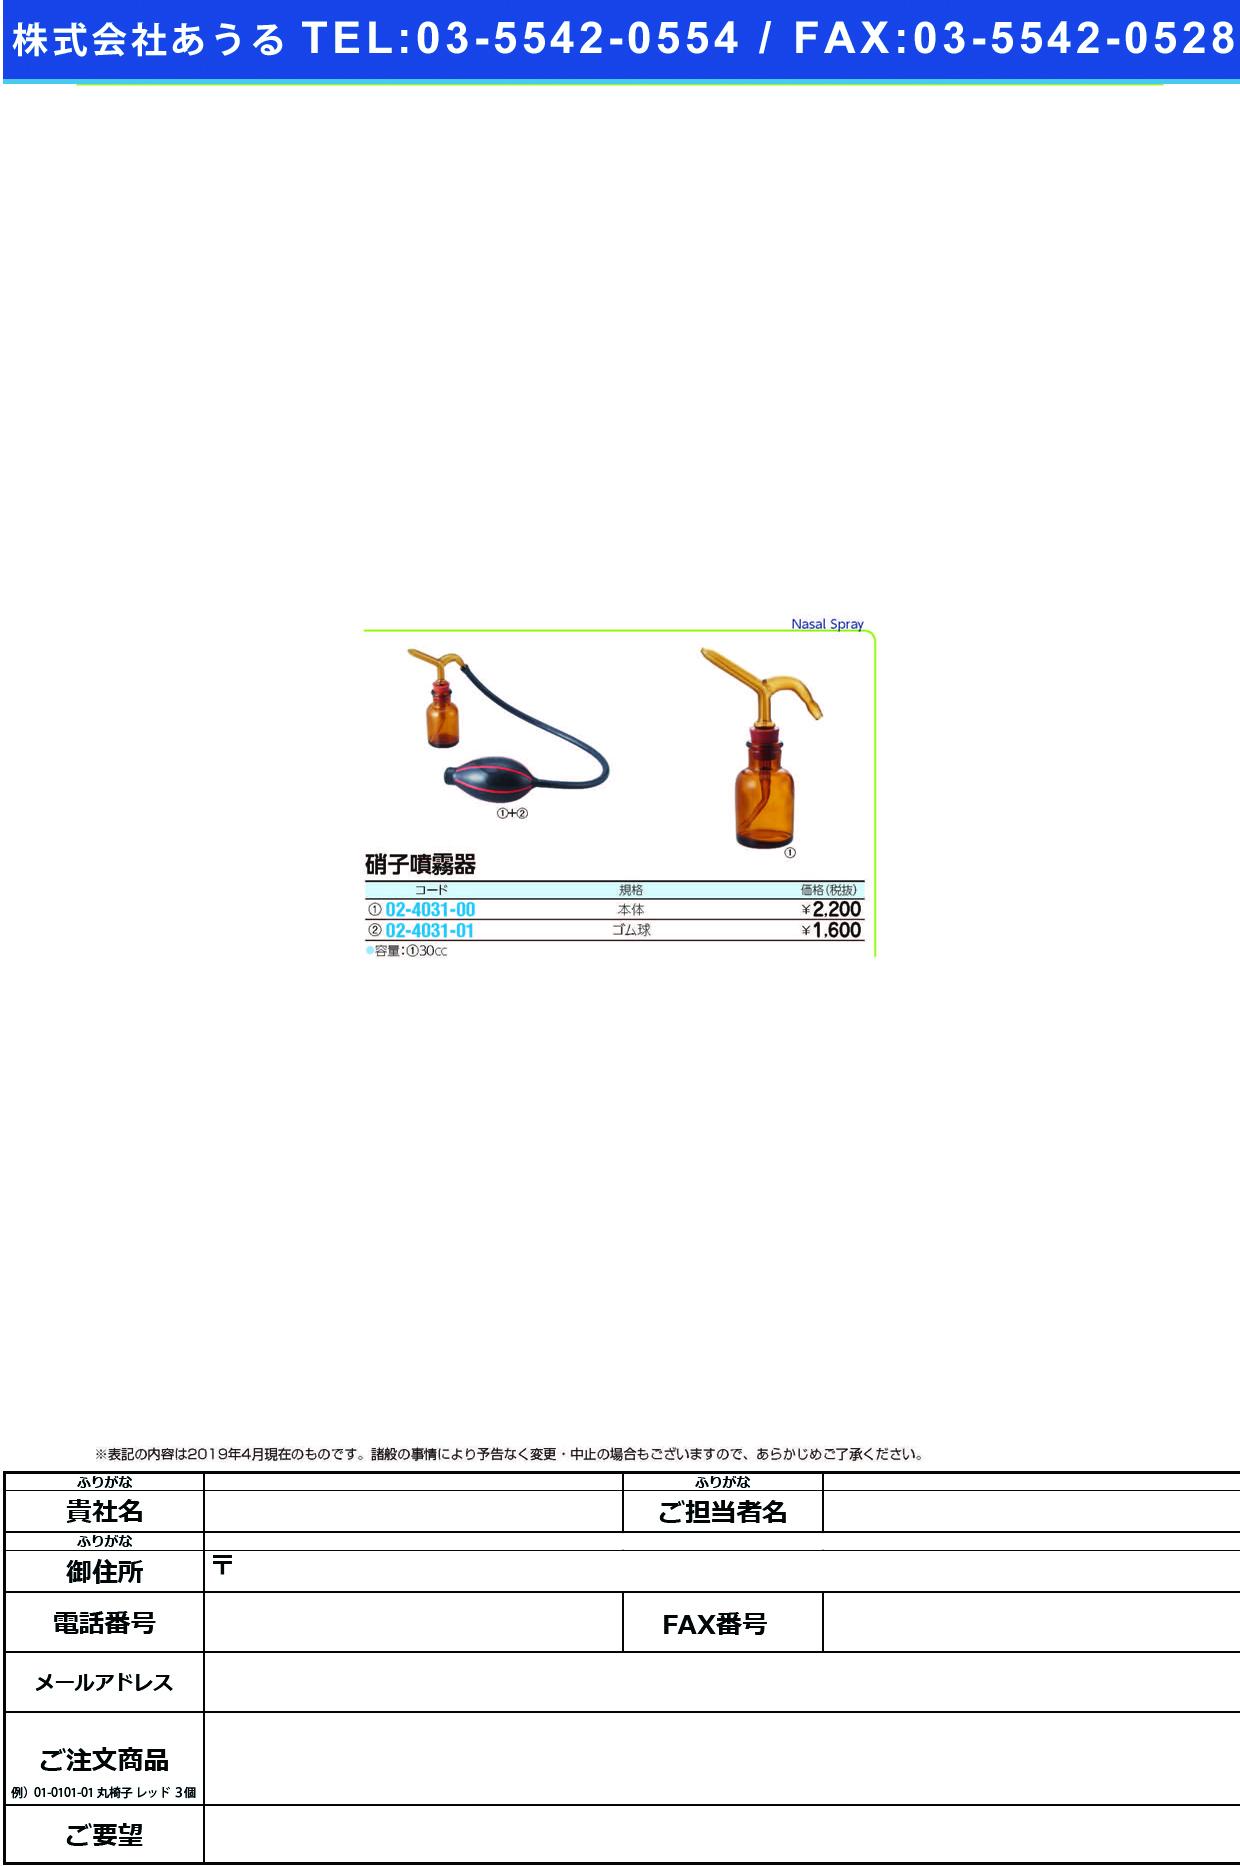 (02-4031-00)コカインスプレー(鼻用噴霧器)  コカインスプレー【1個単位】【2019年カタログ商品】